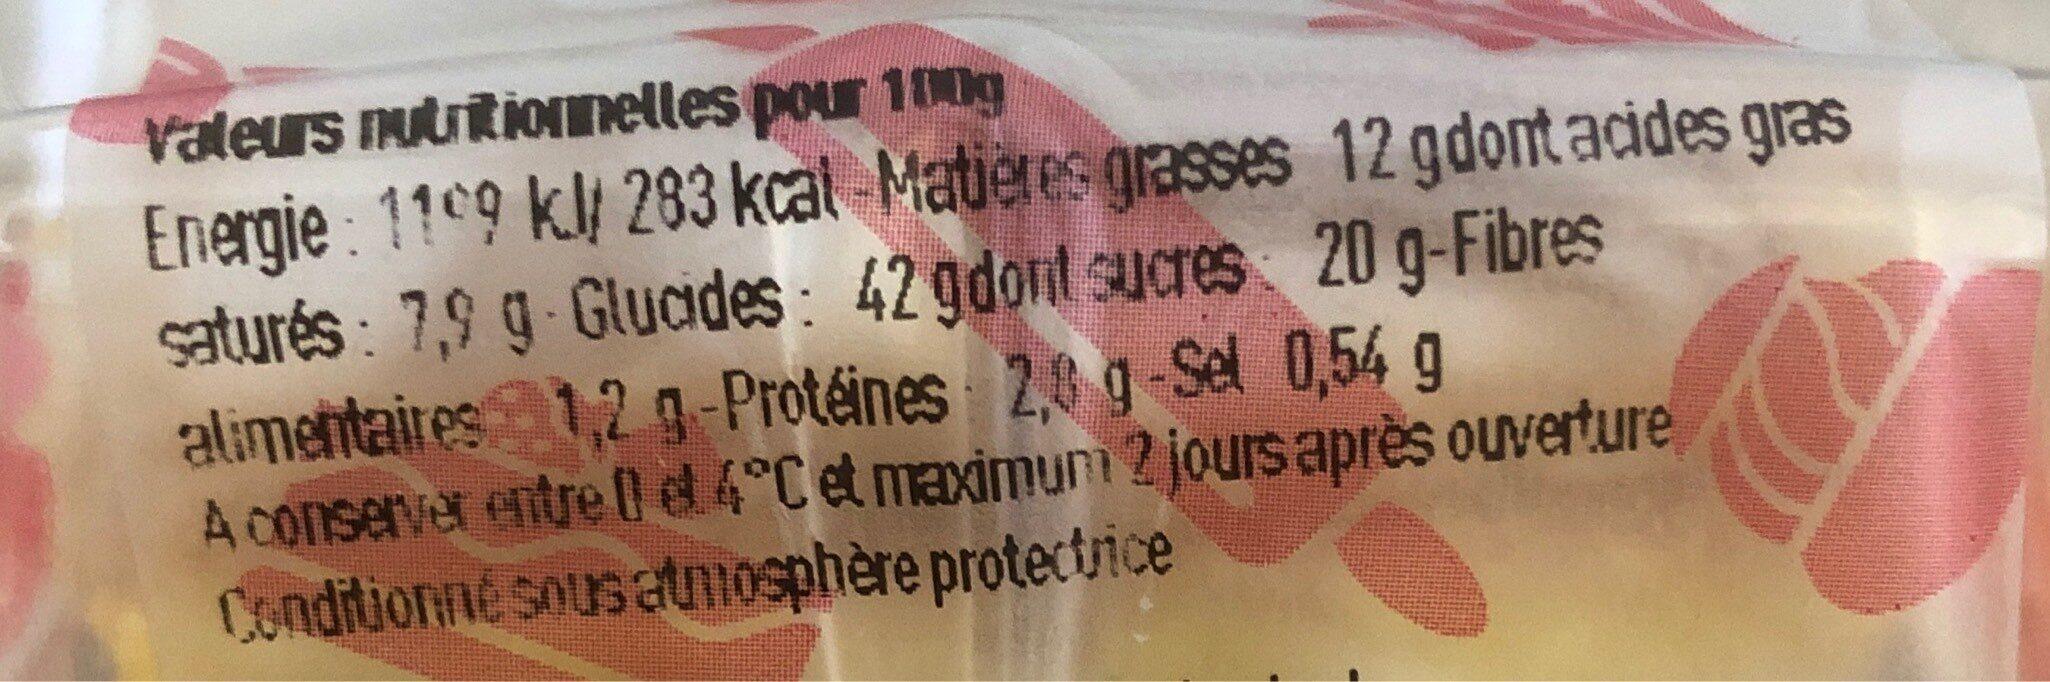 Mille feuilles - Informations nutritionnelles - fr